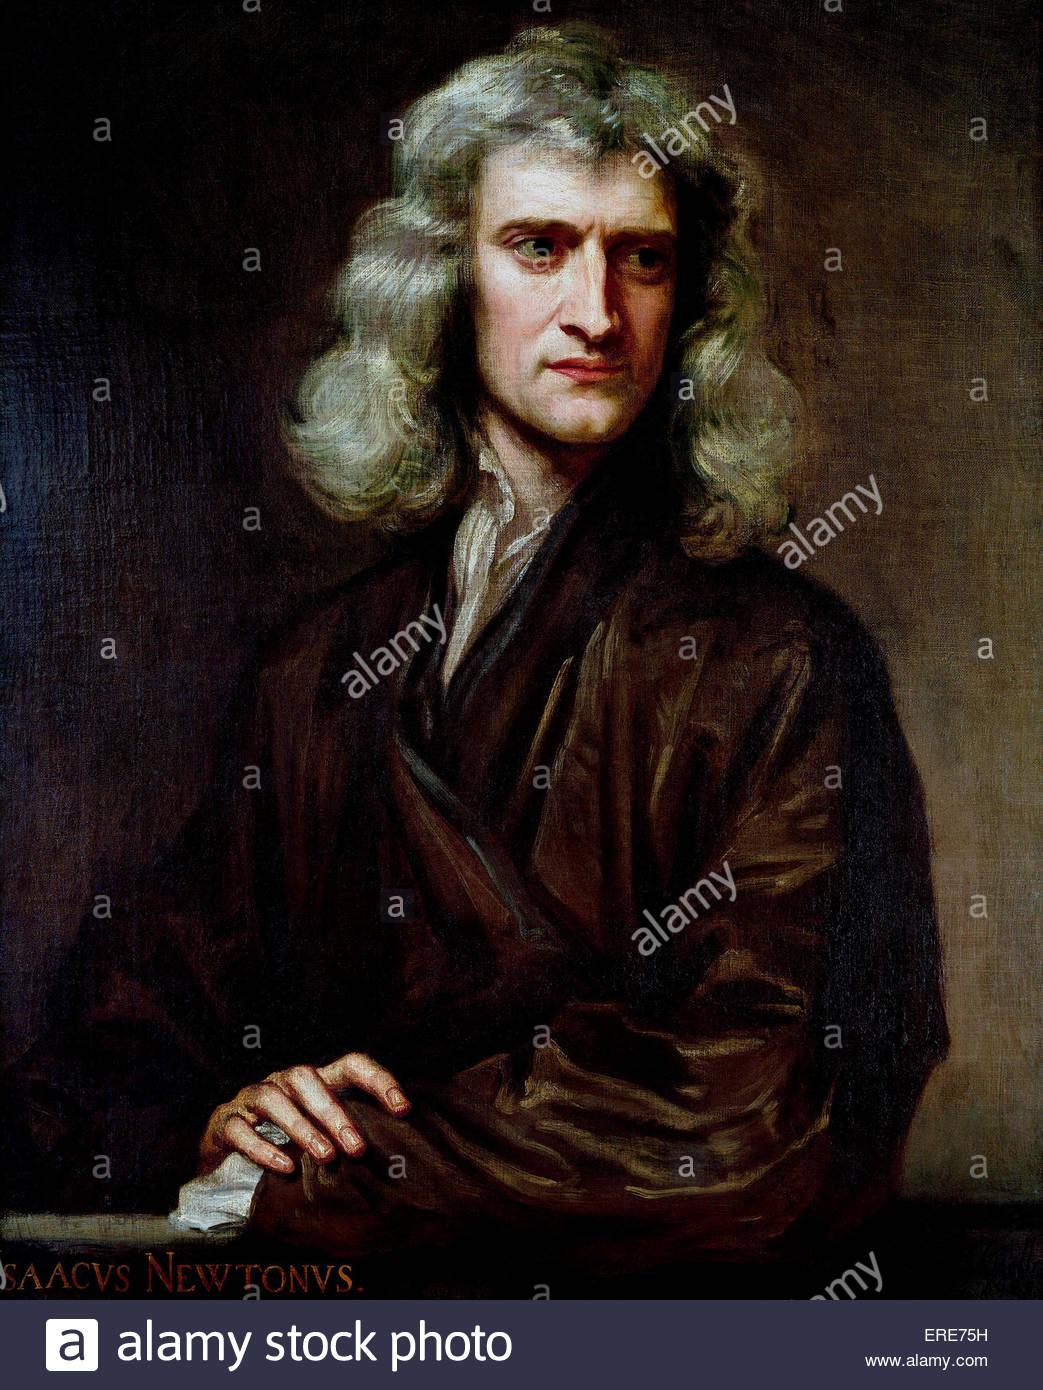 Sir Isaac Newton (46 ans) par Sir G Kneller datée 1689.(gracieuseté de Uckfield House, Uckfield). Physicien Photo Stock